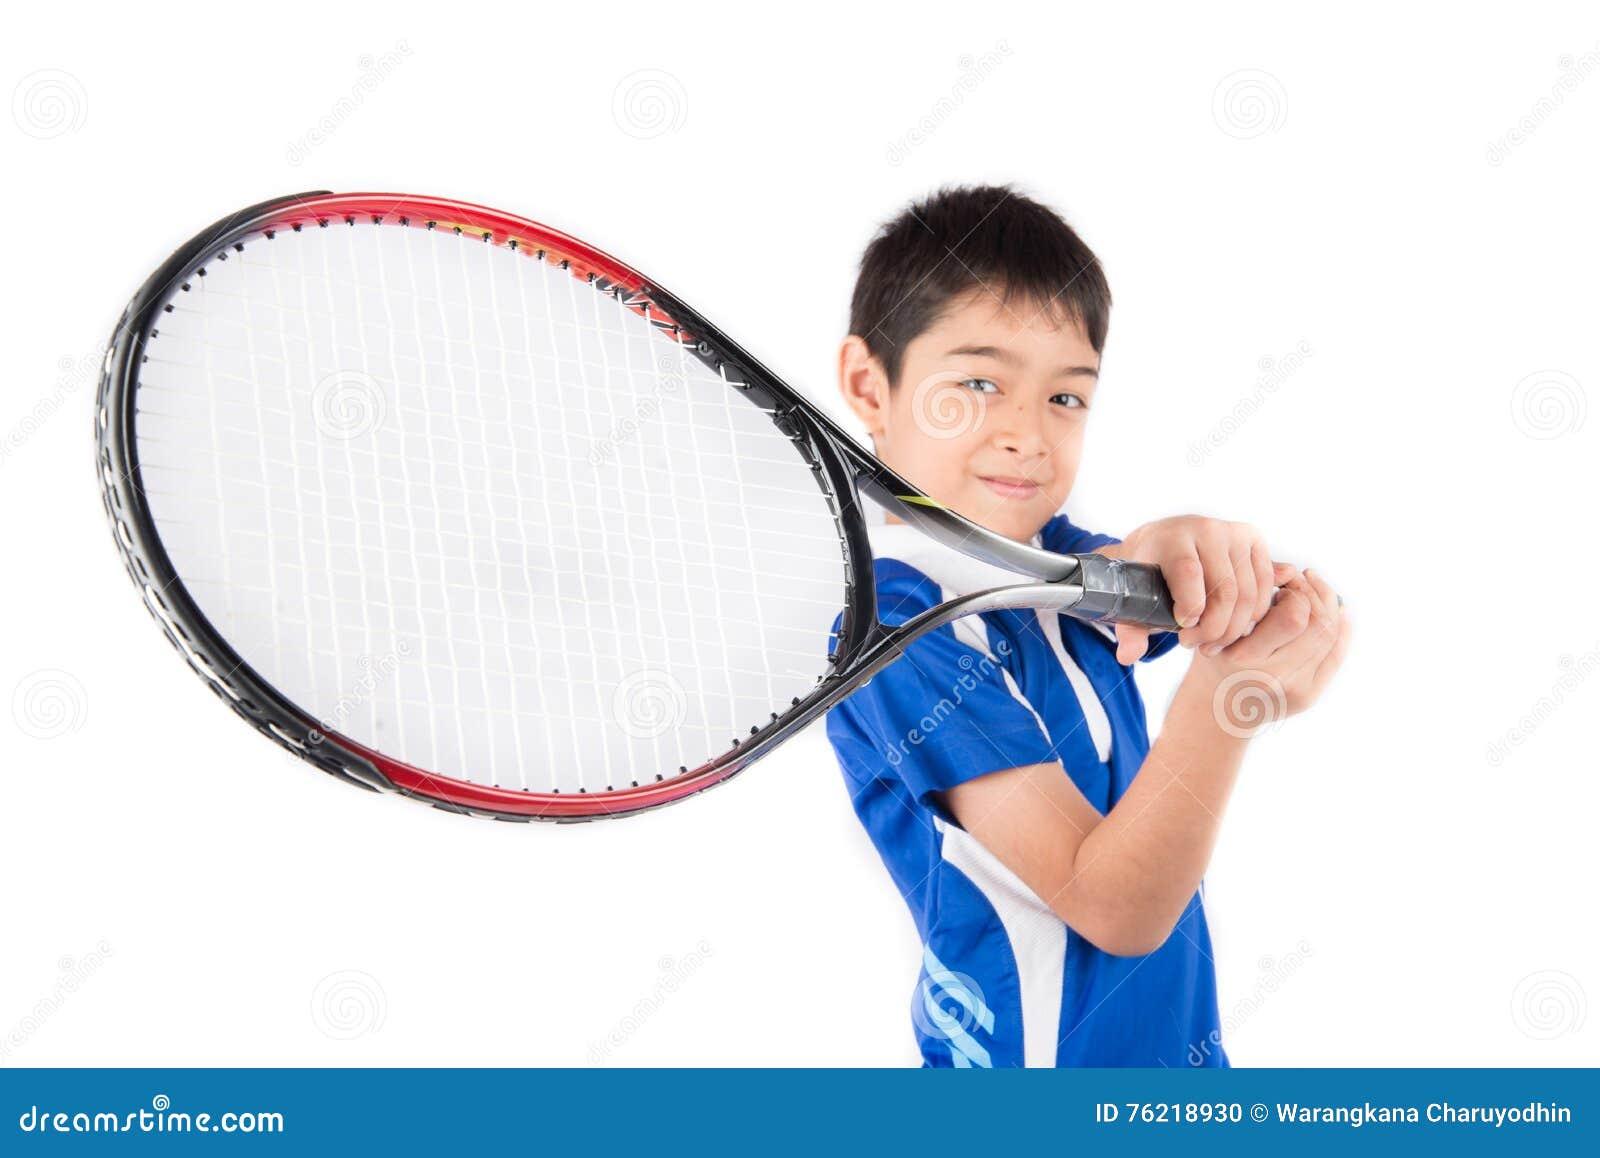 Мальчик играя ракетку тенниса и теннисный мяч в руке